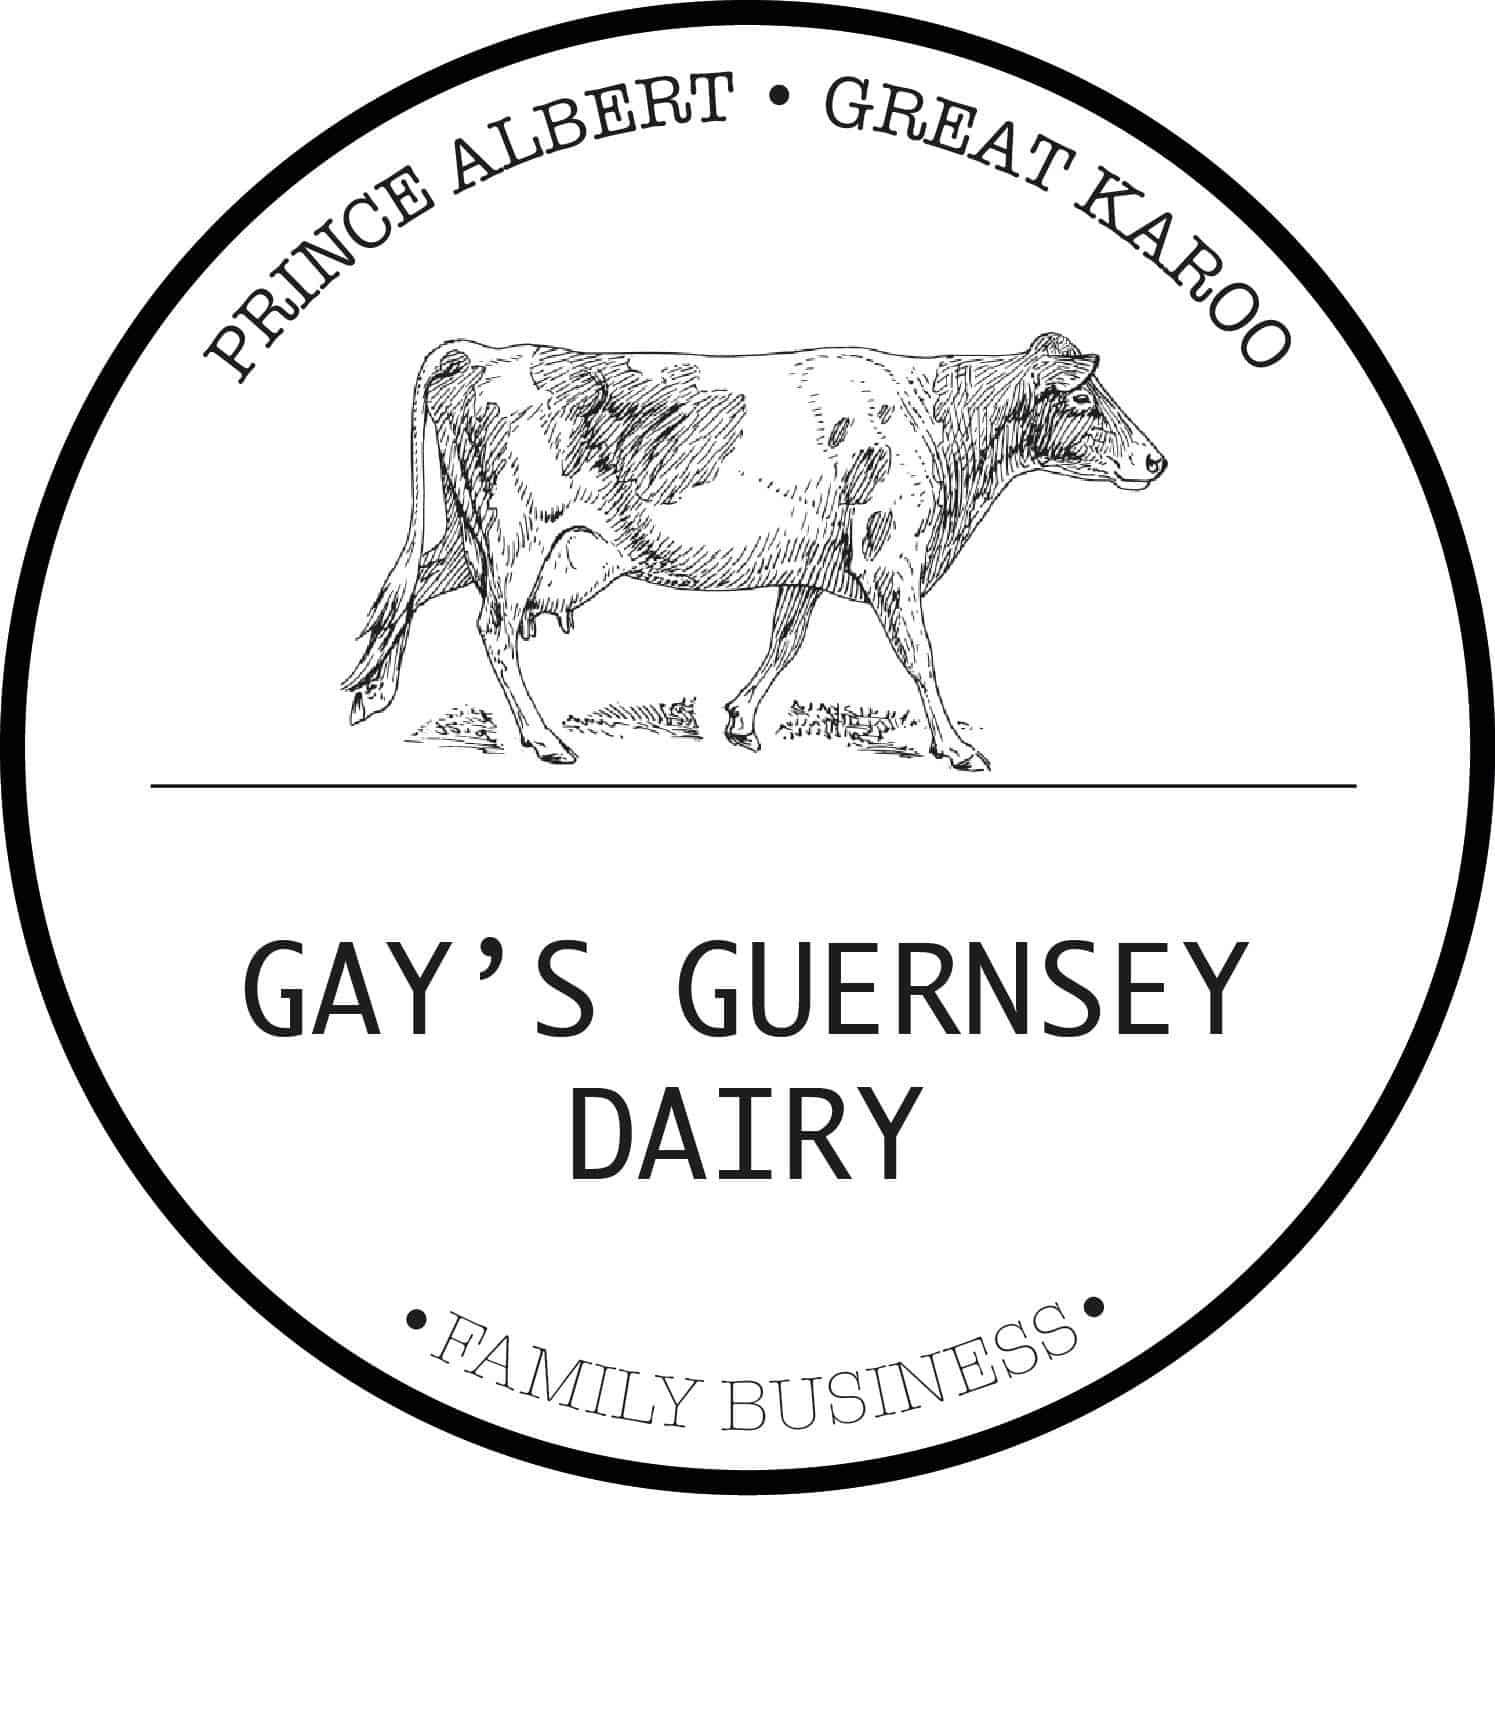 Gay's Guernsey